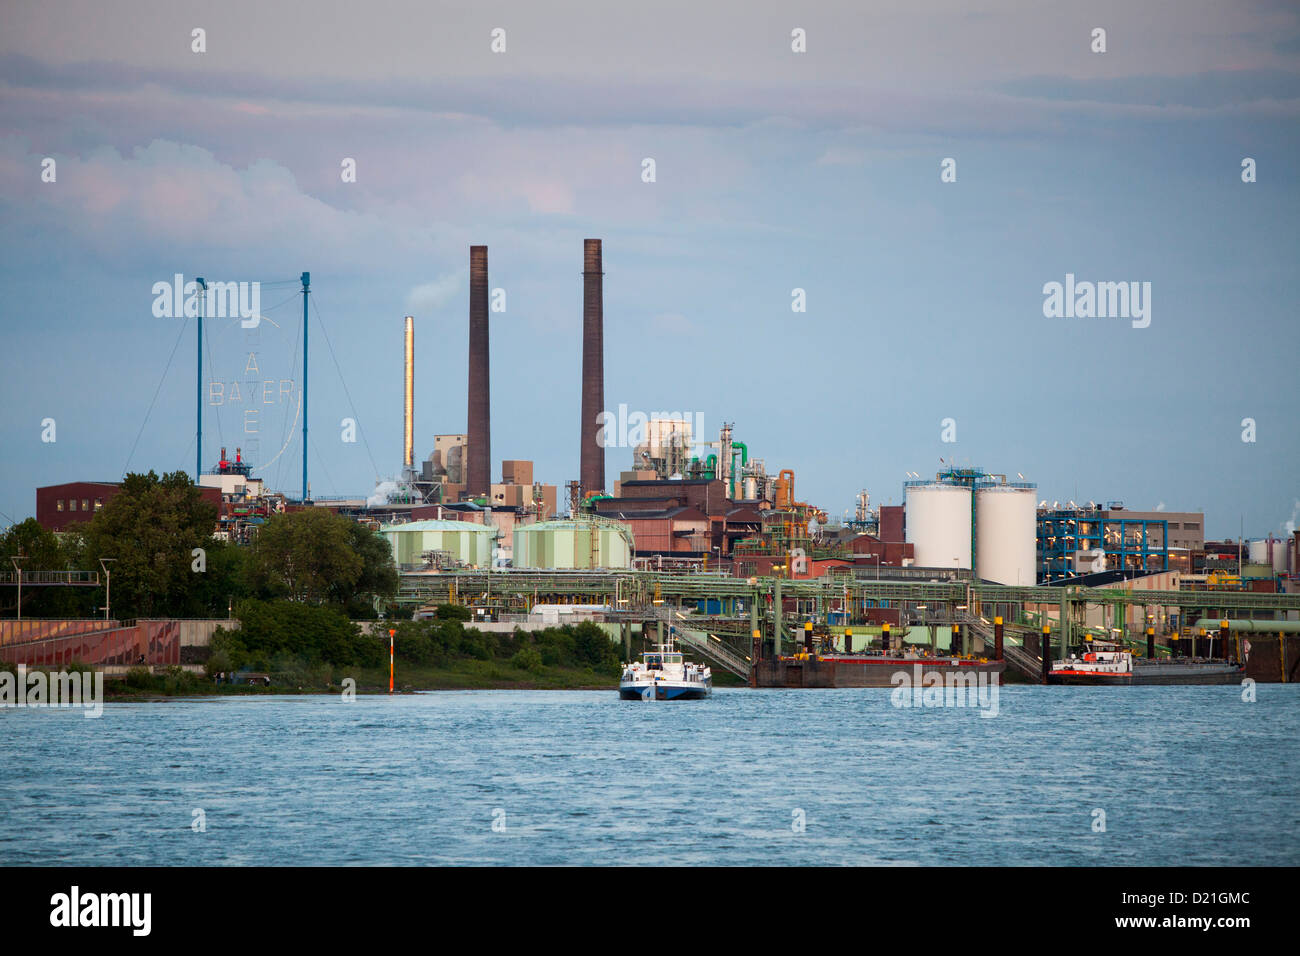 Rhin et Bayer de produits chimiques et pharmaceutiques les cheminées au crépuscule, Leverkusen, Rhénanie Photo Stock